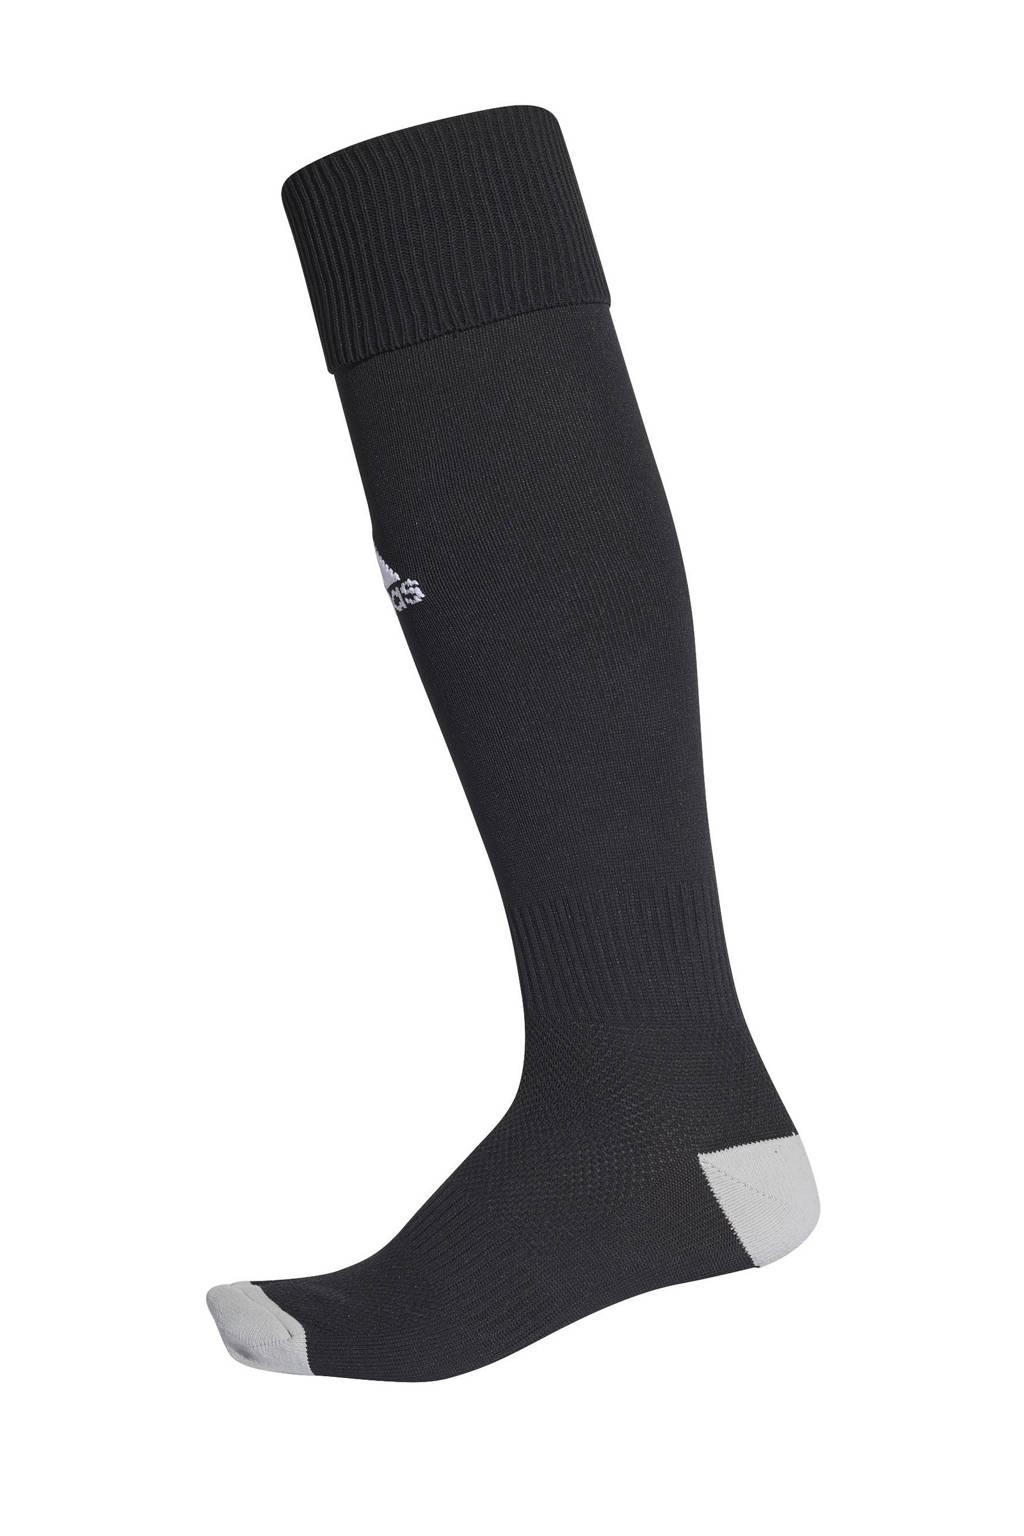 adidas Performance Senior  voetbalsokken Milano 16 zwart, Zwart/lichtgrijs